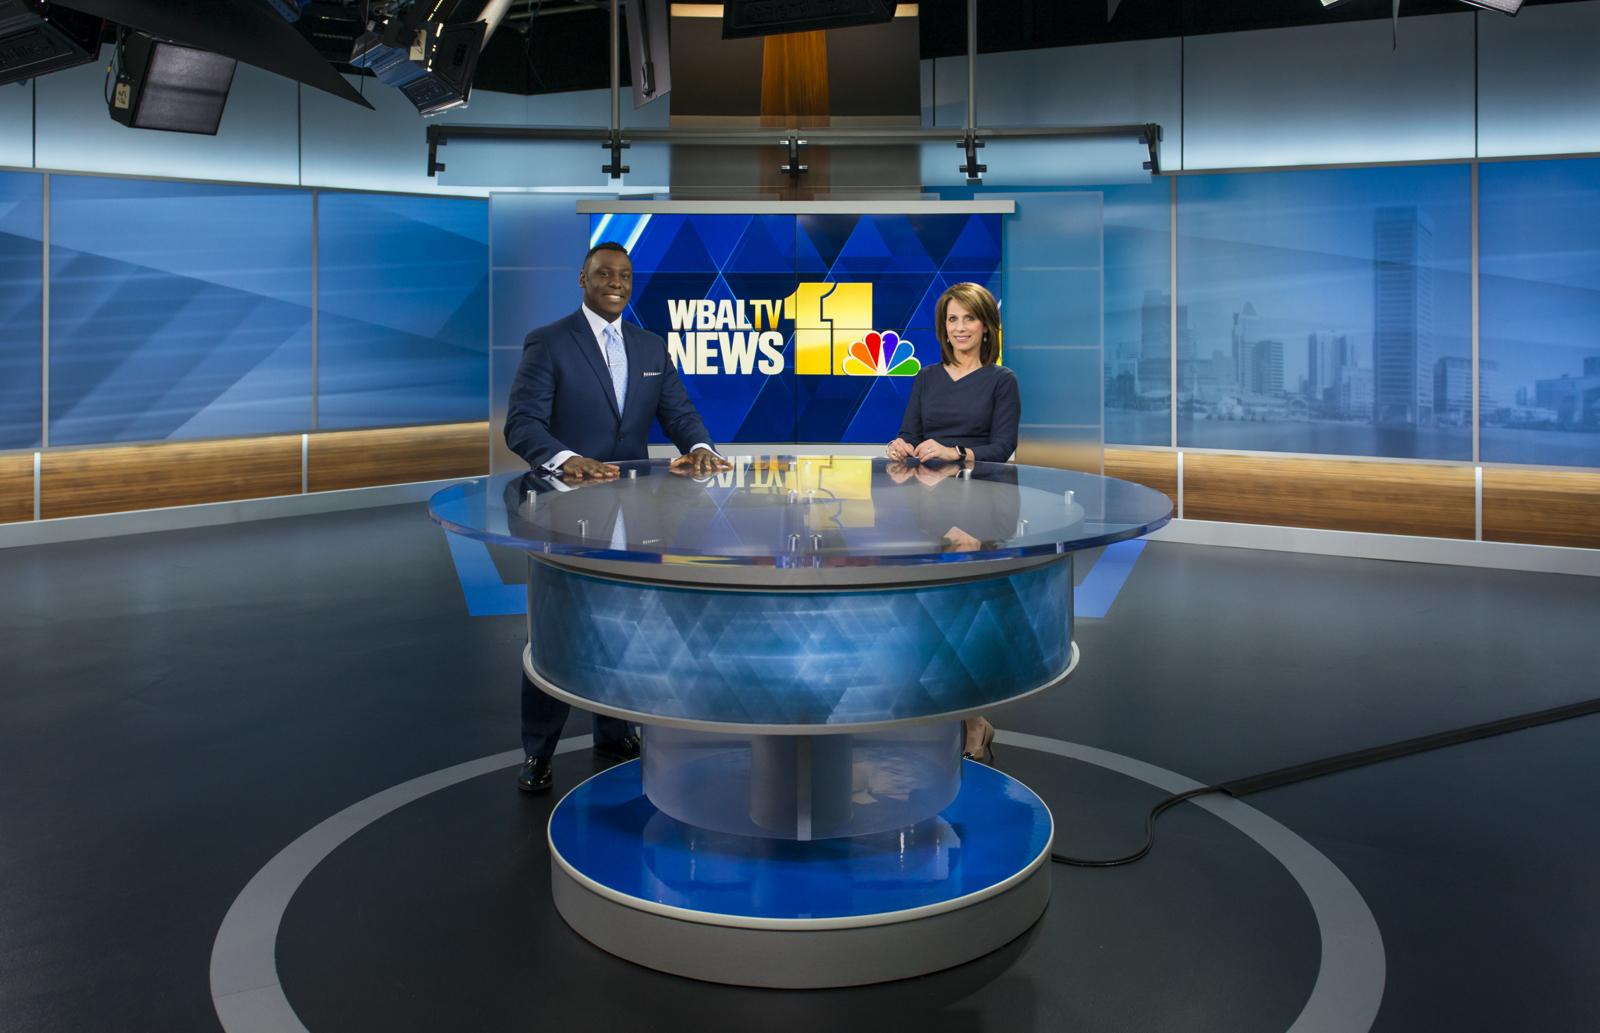 ncs_wbal-news-11-tv-studio_0004